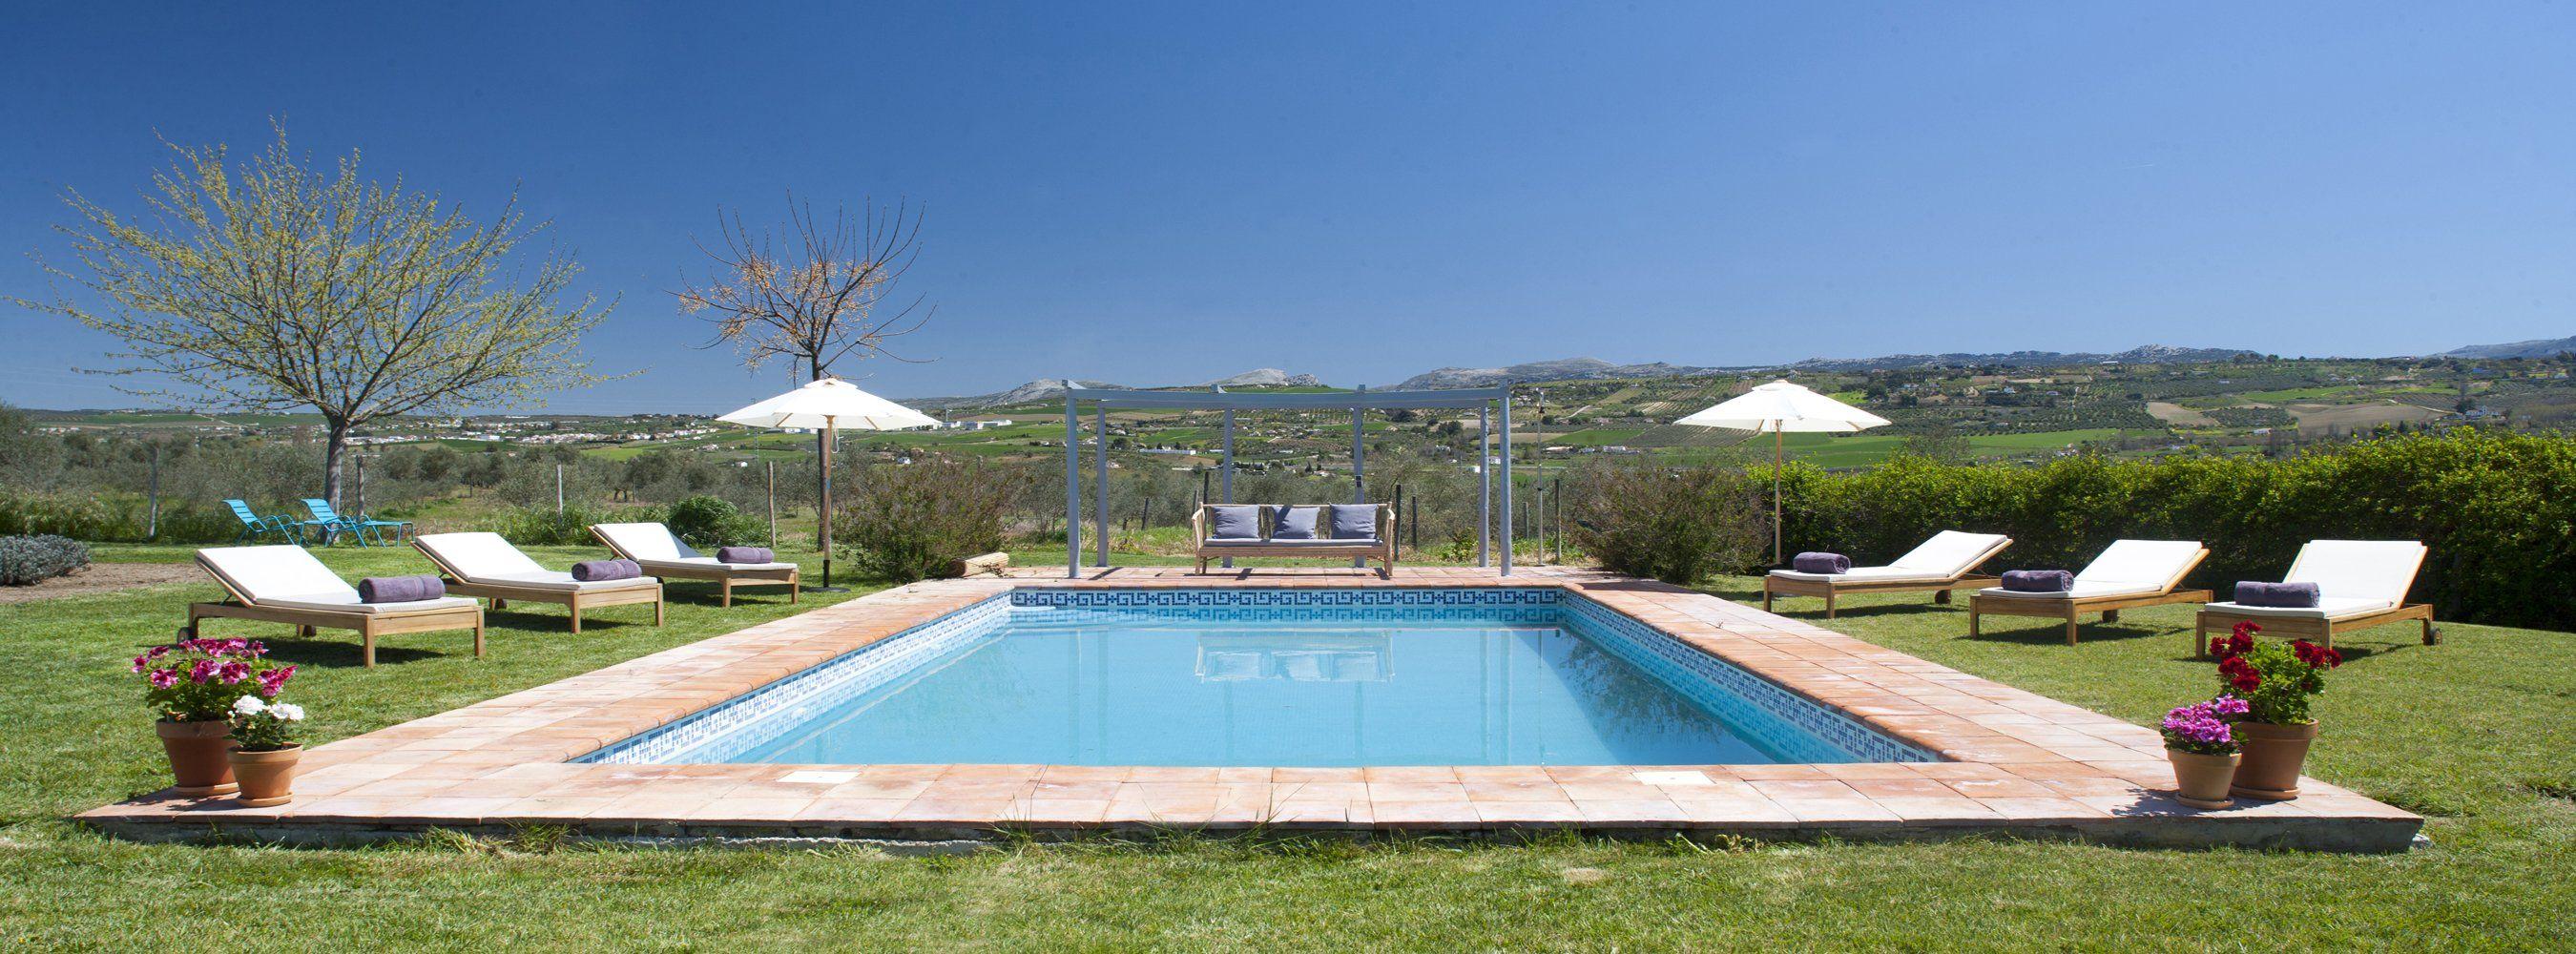 swimming pool ronda